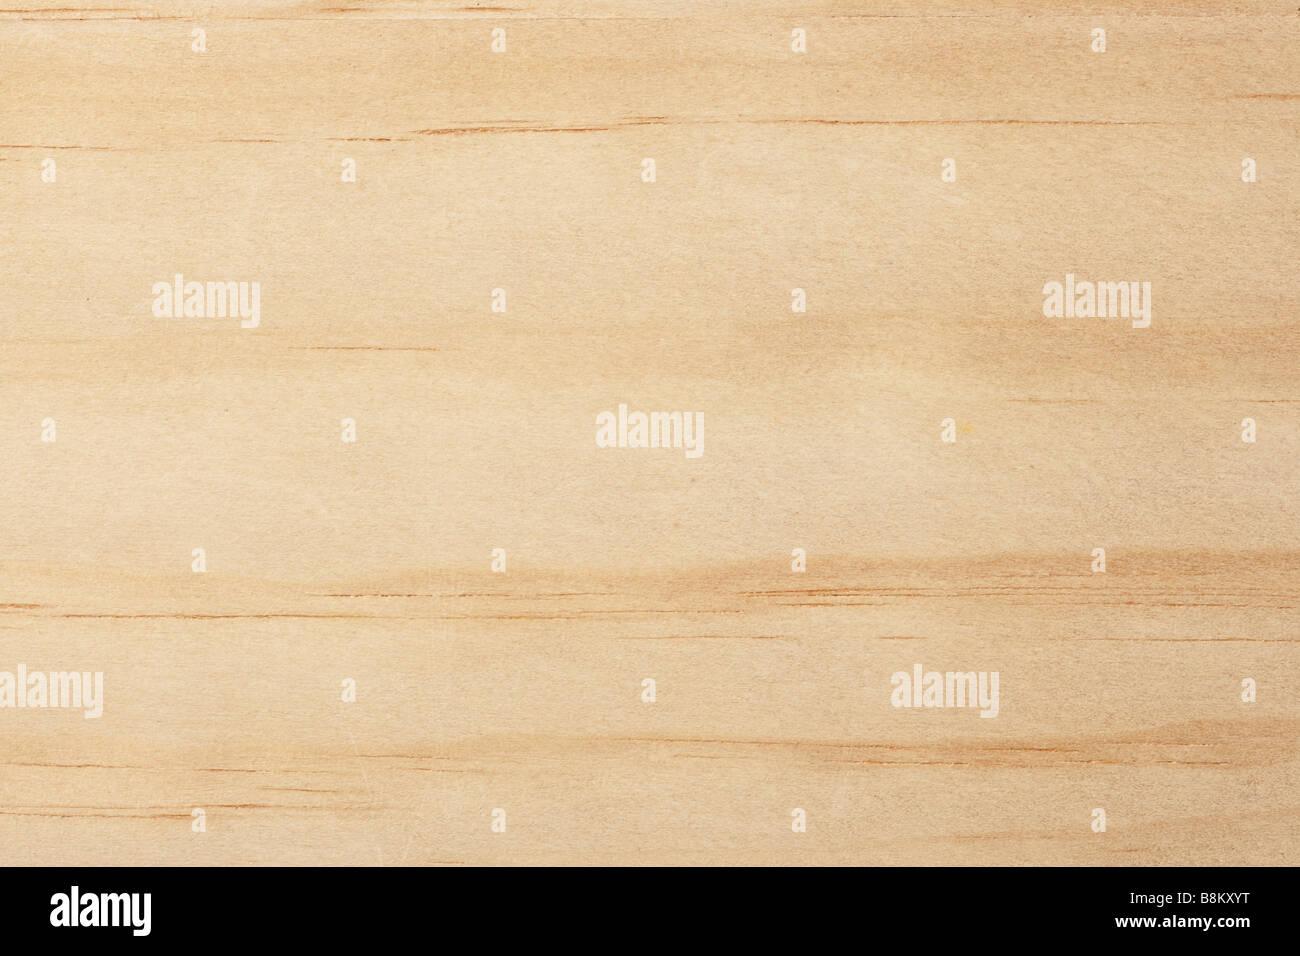 Finitura naturale a grana di legno sfondo Immagini Stock